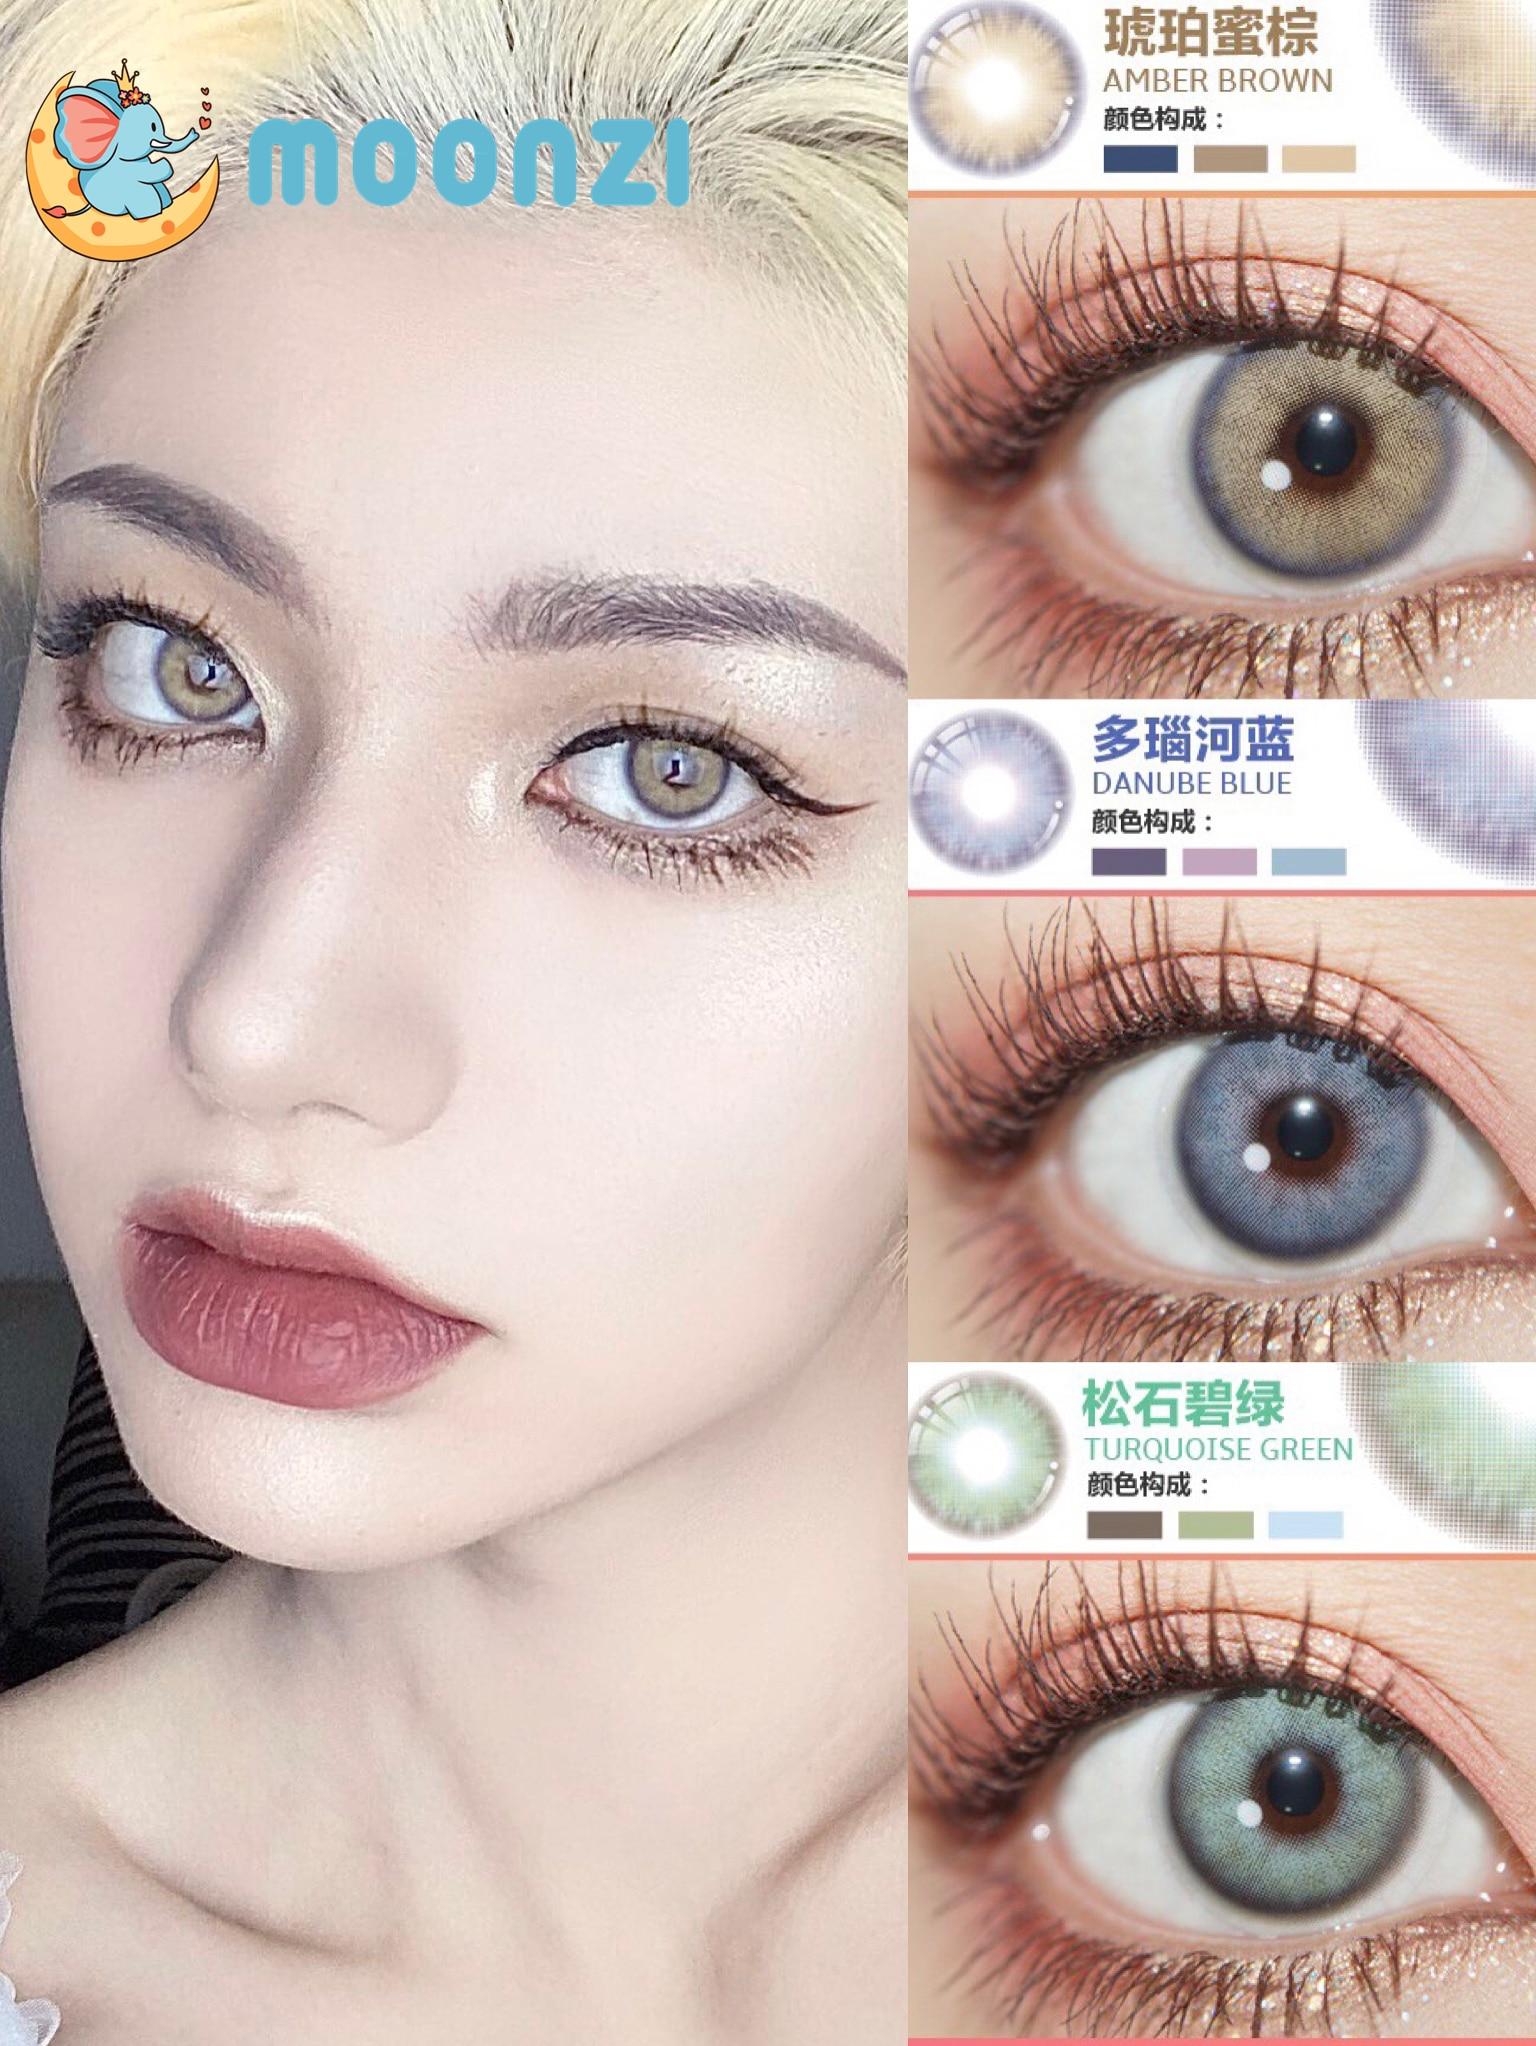 Контактные линзы MOONZI, уникальные синие контактные линзы для глаз, маленькие цветные контактные линзы для красивых зрачков, для ежегодного к...